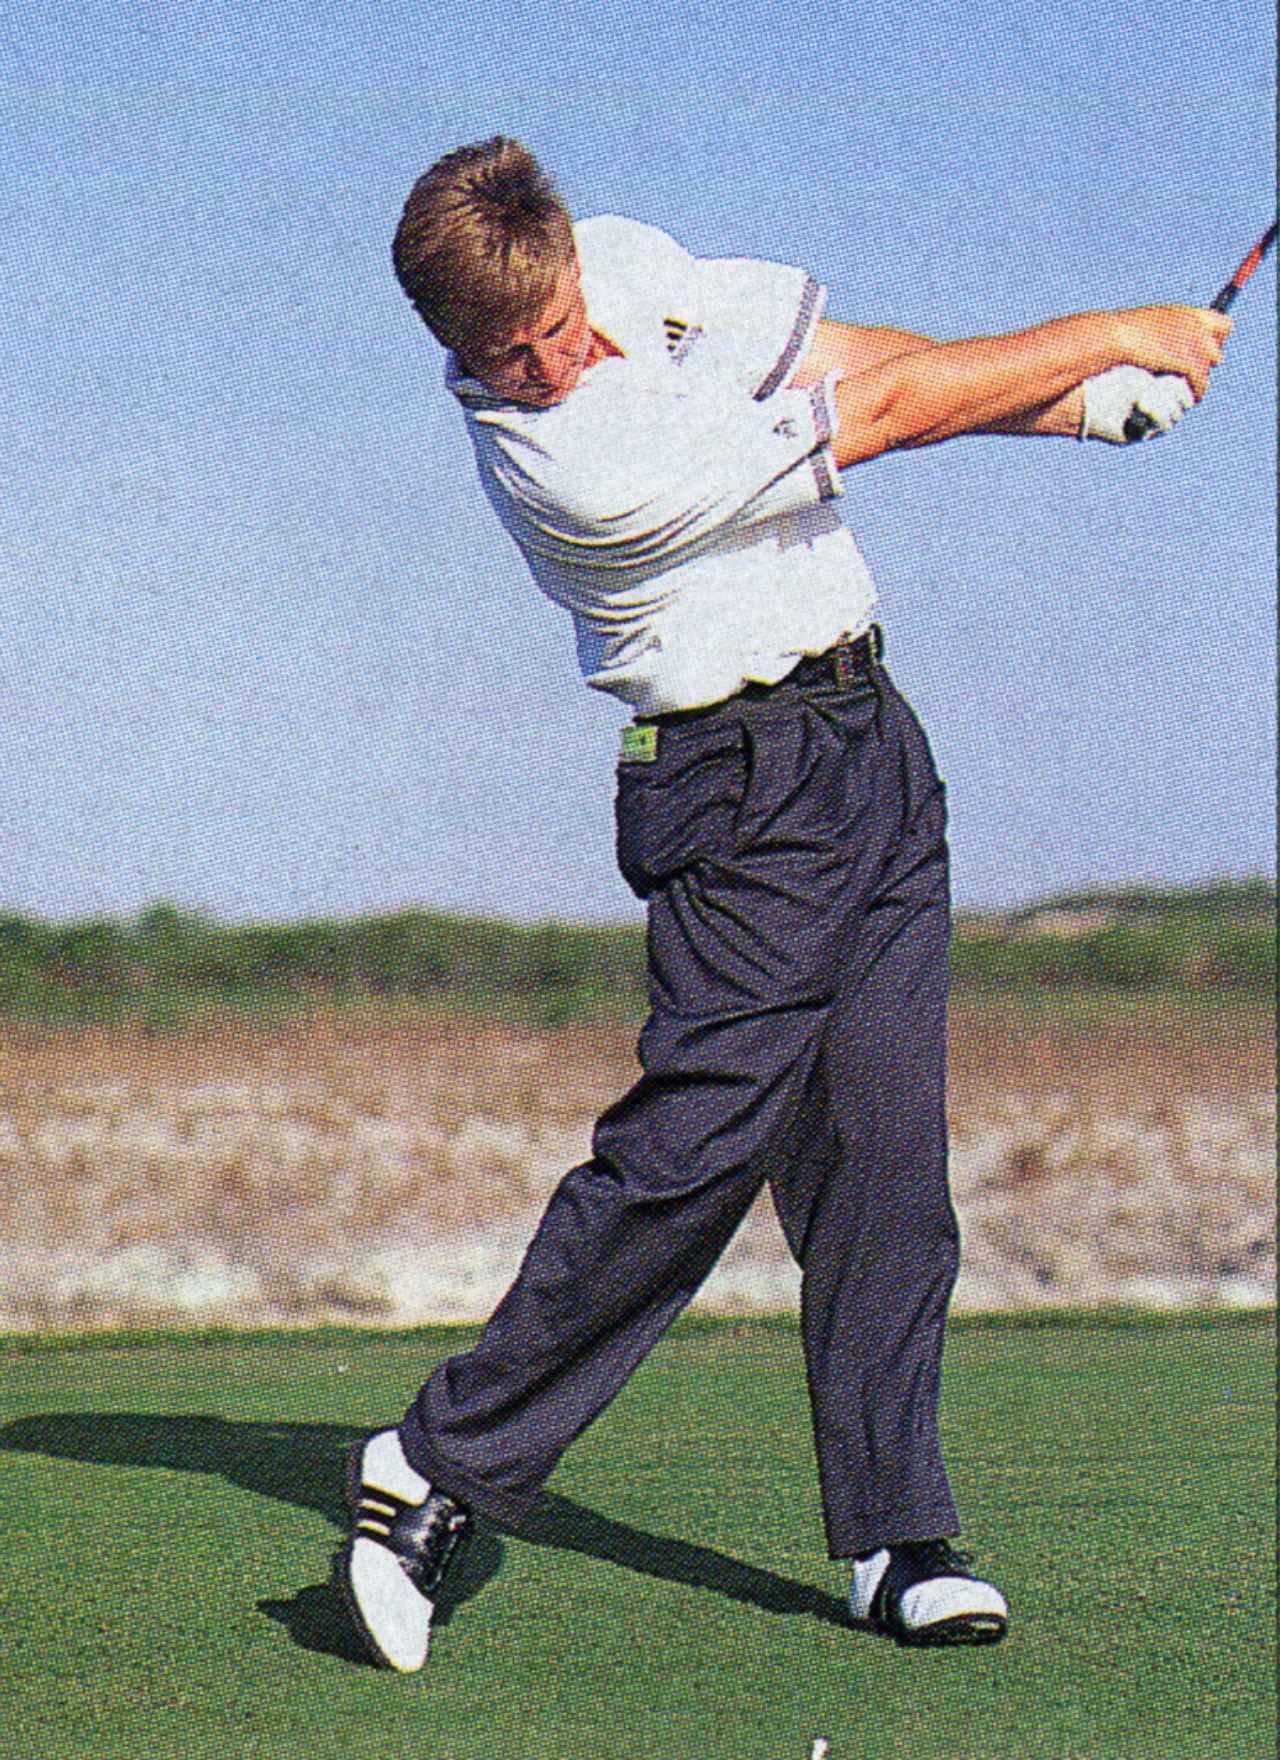 画像7: 【南アのゴルフ遺伝子Vol.4】アーニー・エルスが目指したもの